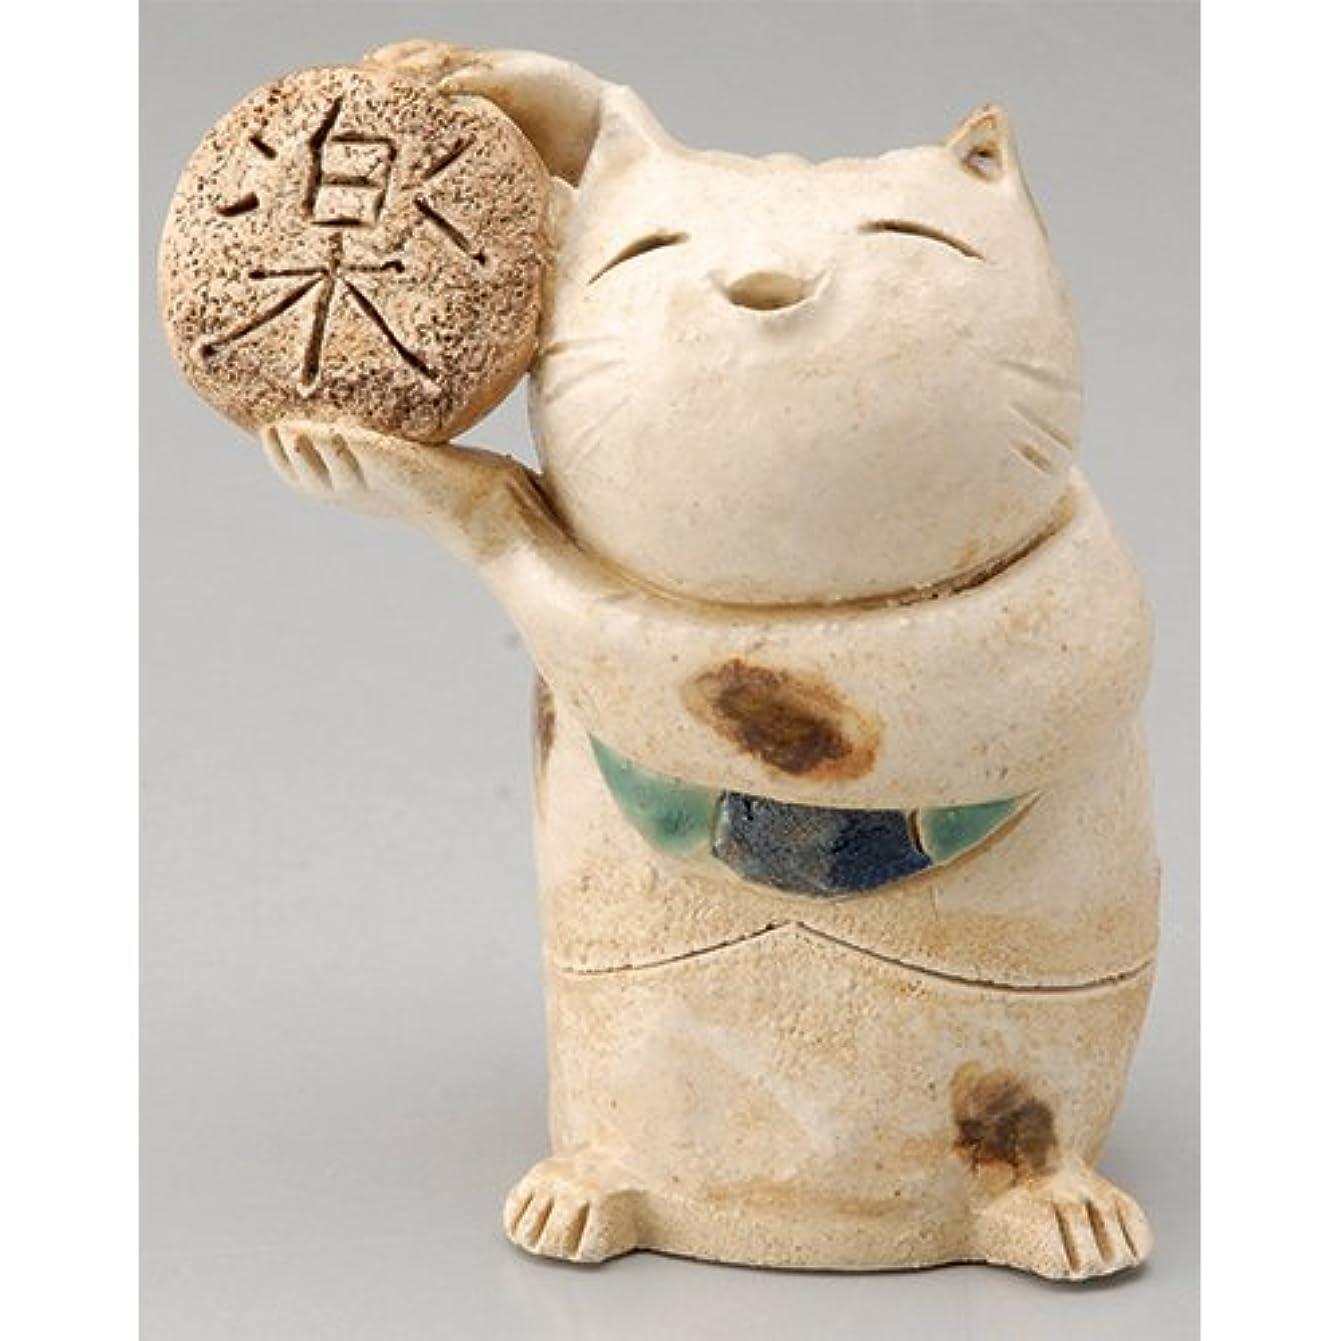 香炉 ごえん猫 香炉(楽) [H8.1cm] HANDMADE プレゼント ギフト 和食器 かわいい インテリア